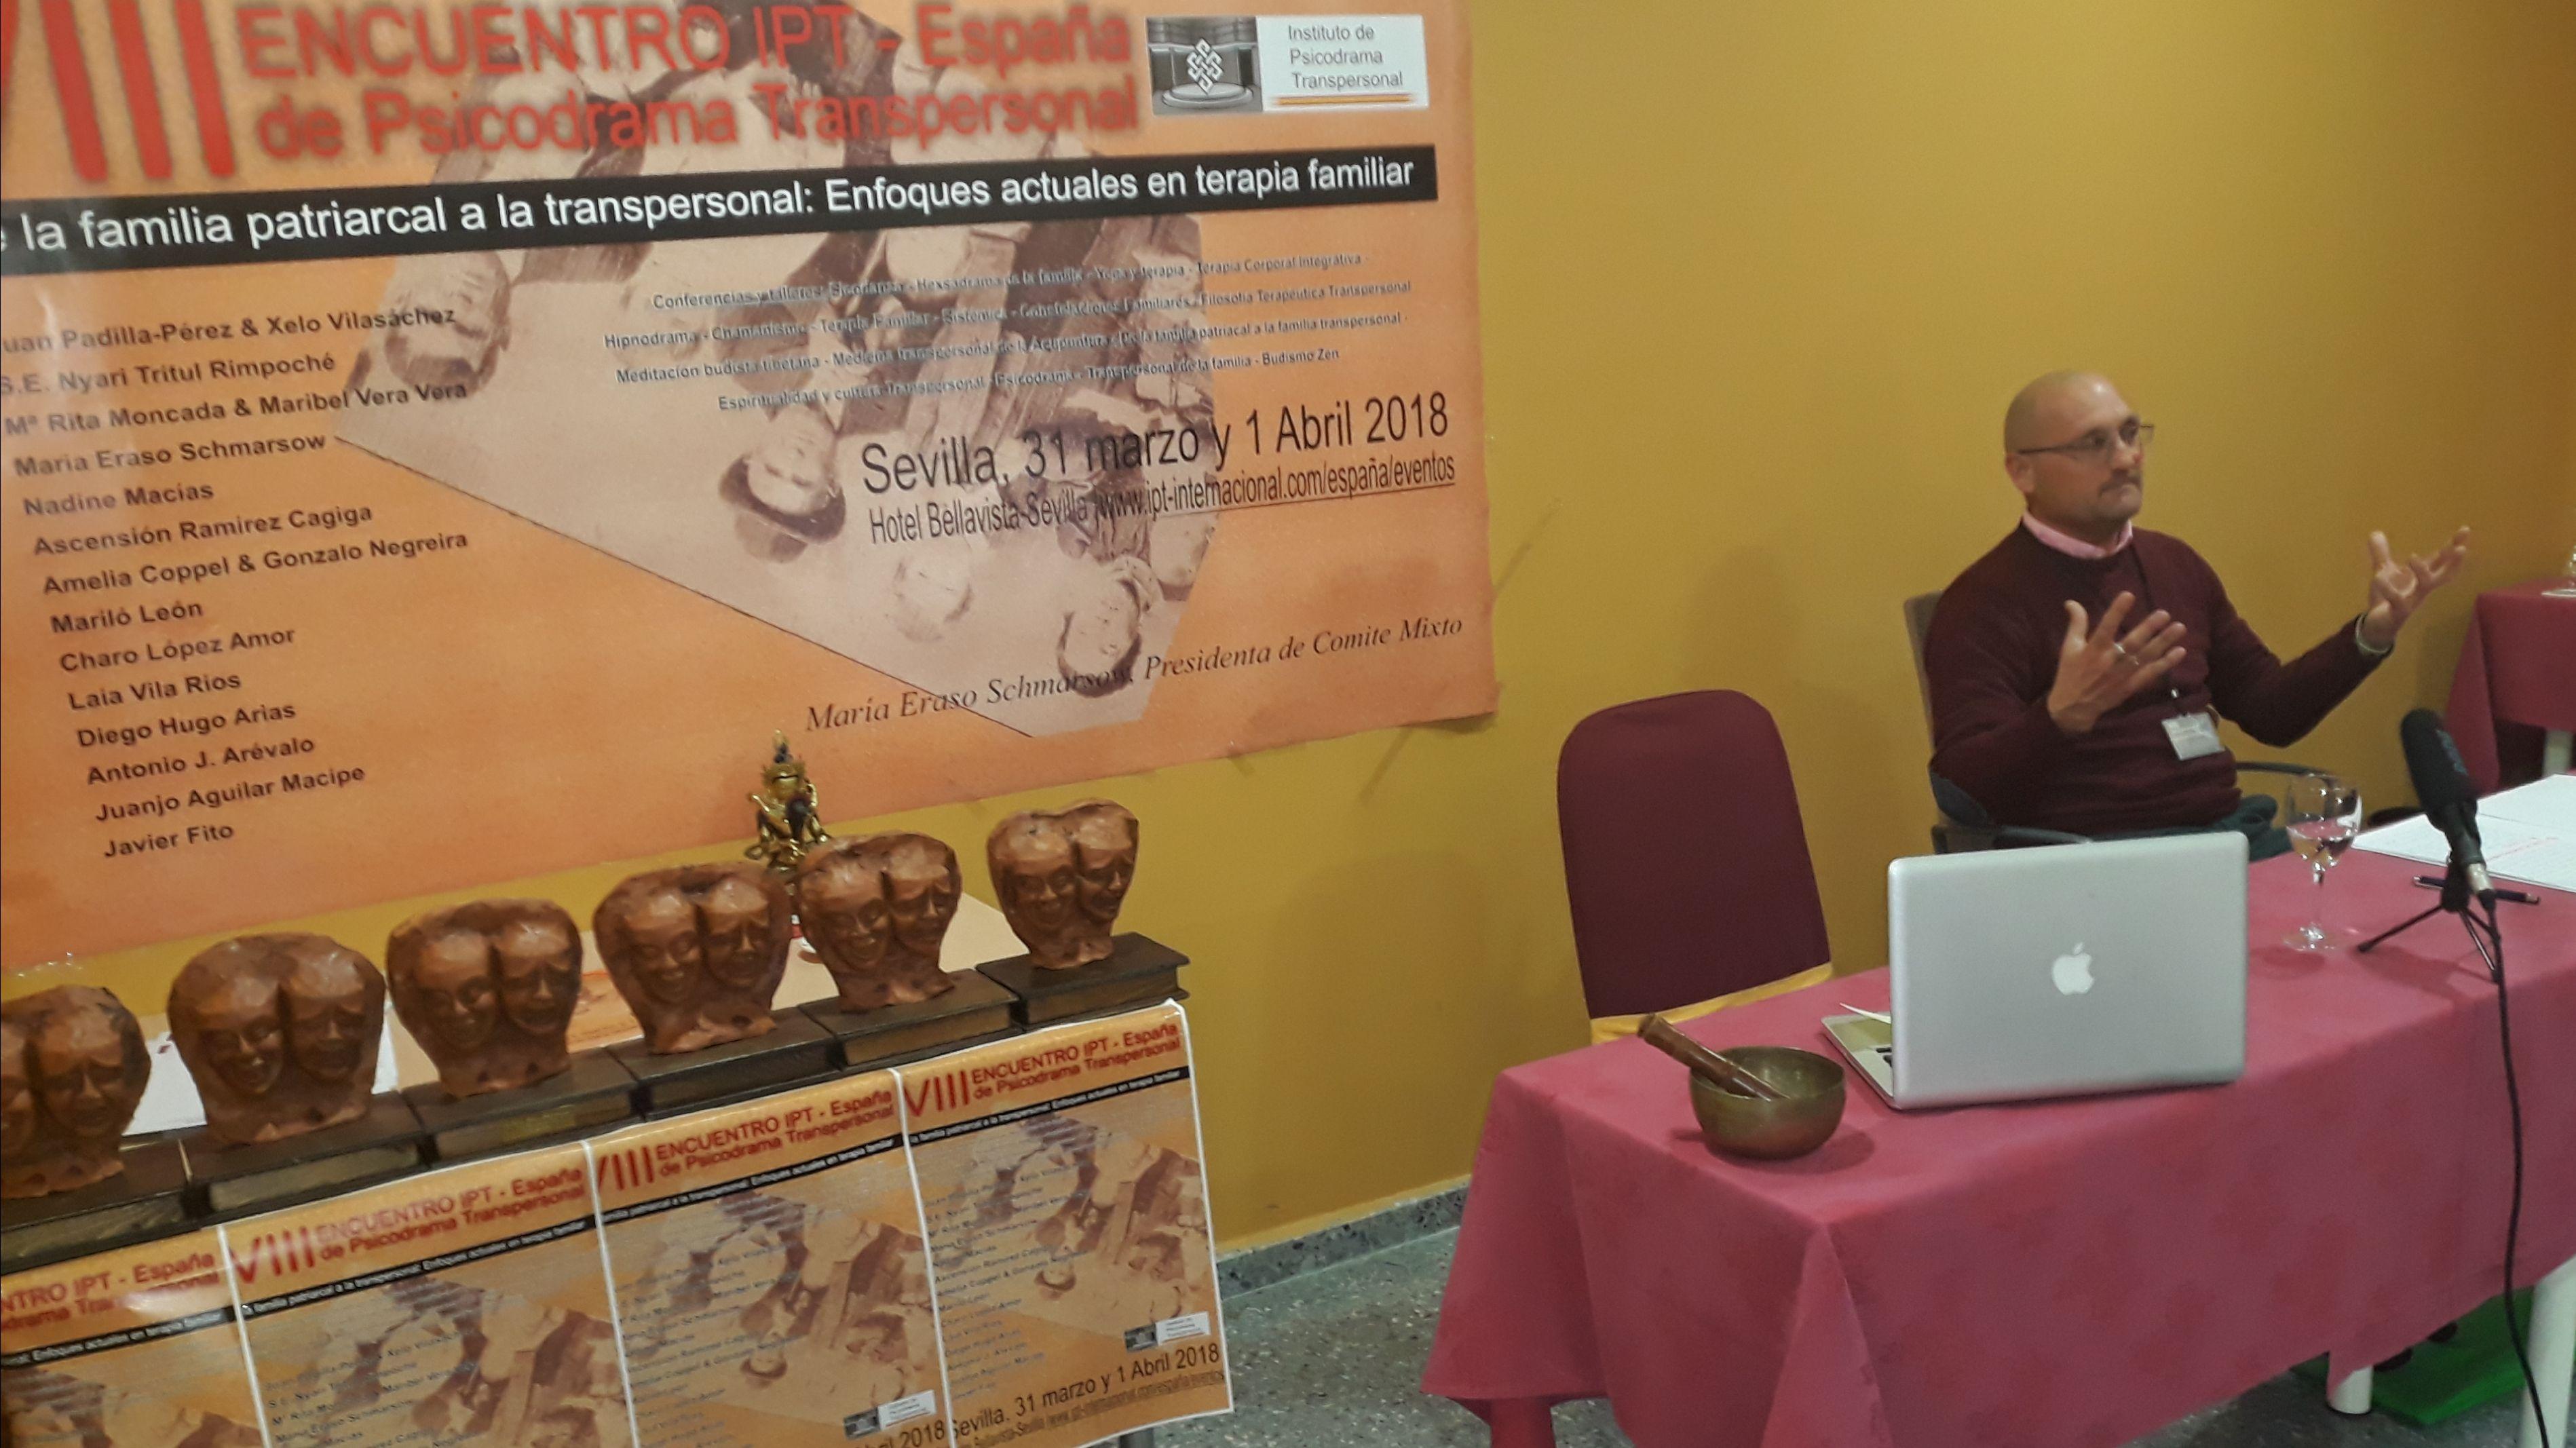 Foto 4 de Congresos IPT Internacional en Sevilla | IPT Internacional